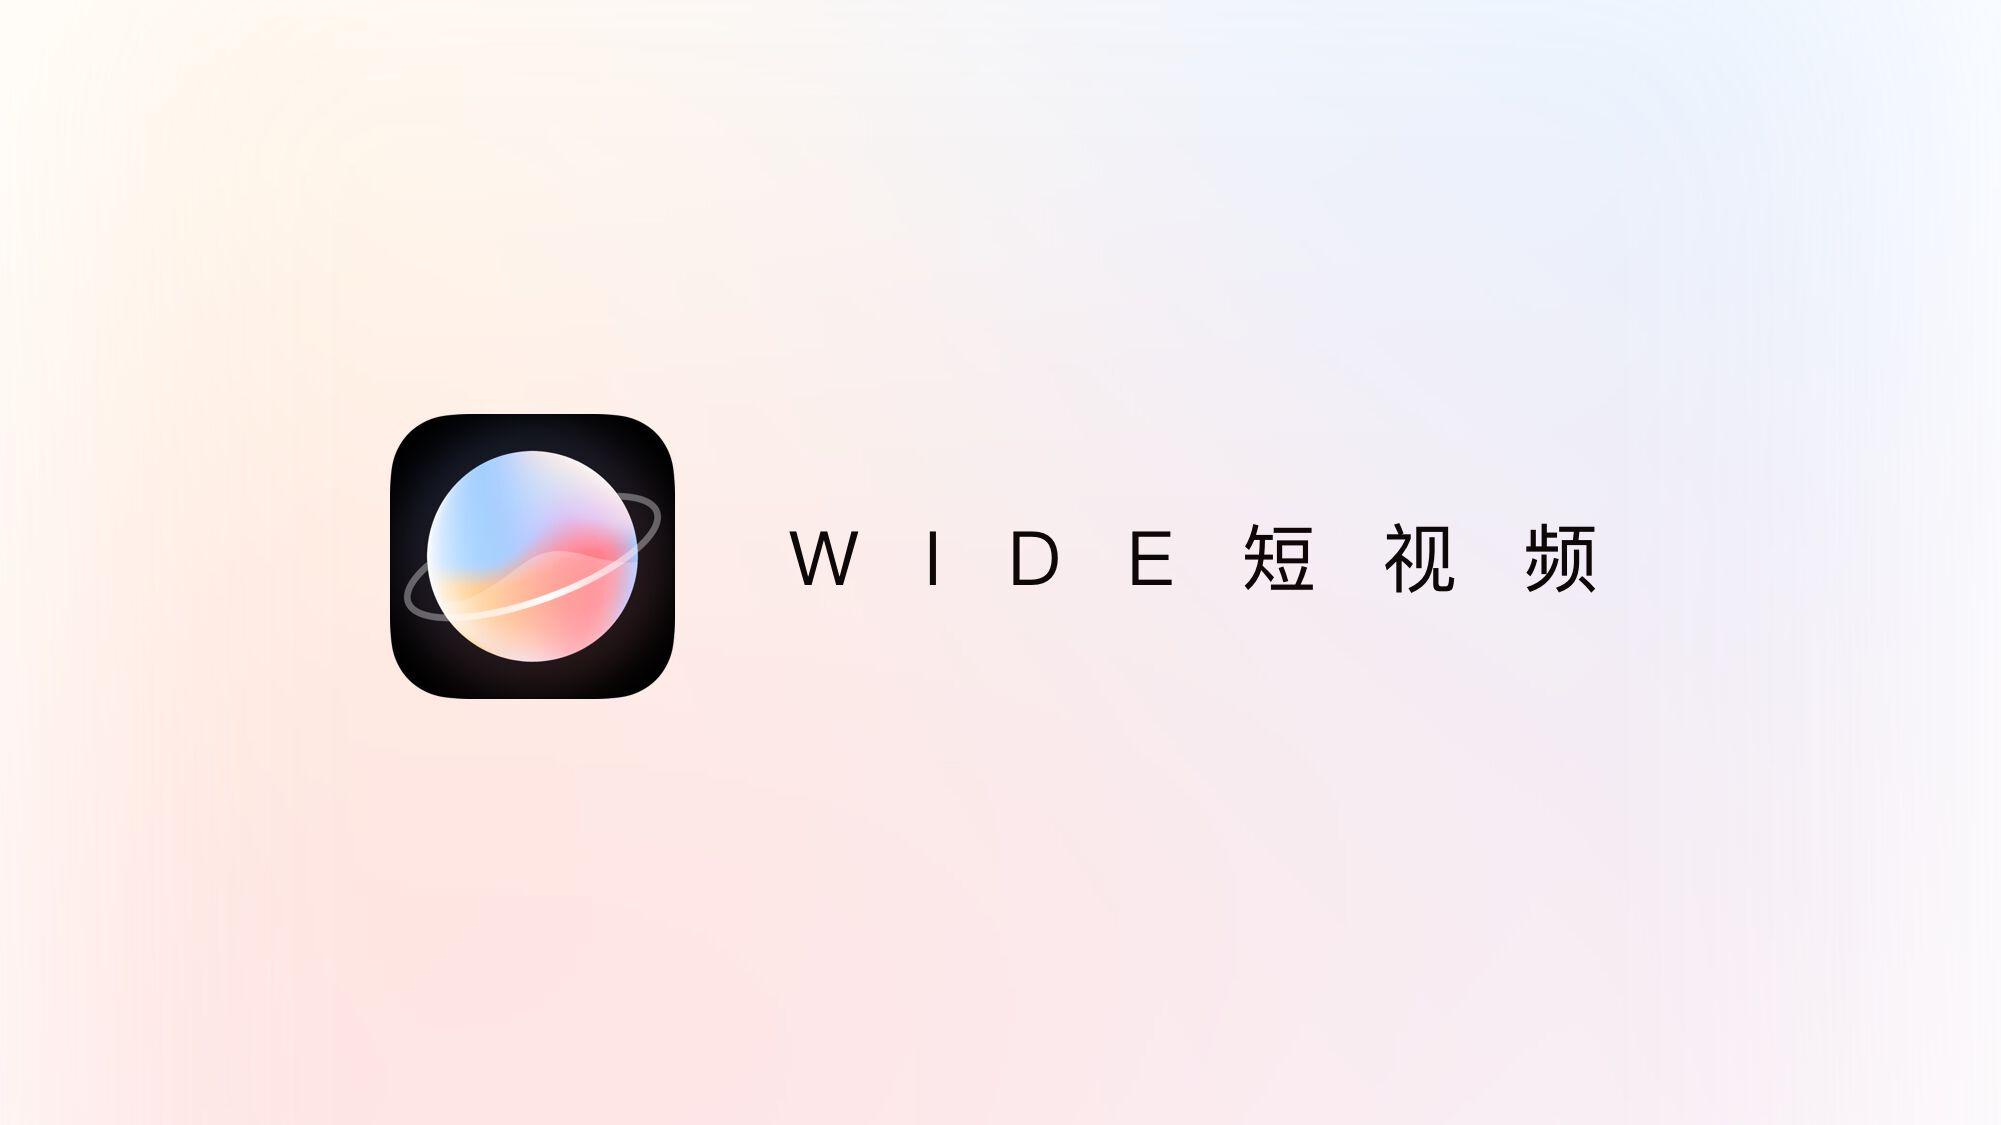 苹果年度最好App榜单发布 美图横屏短视频产品WIDE当选